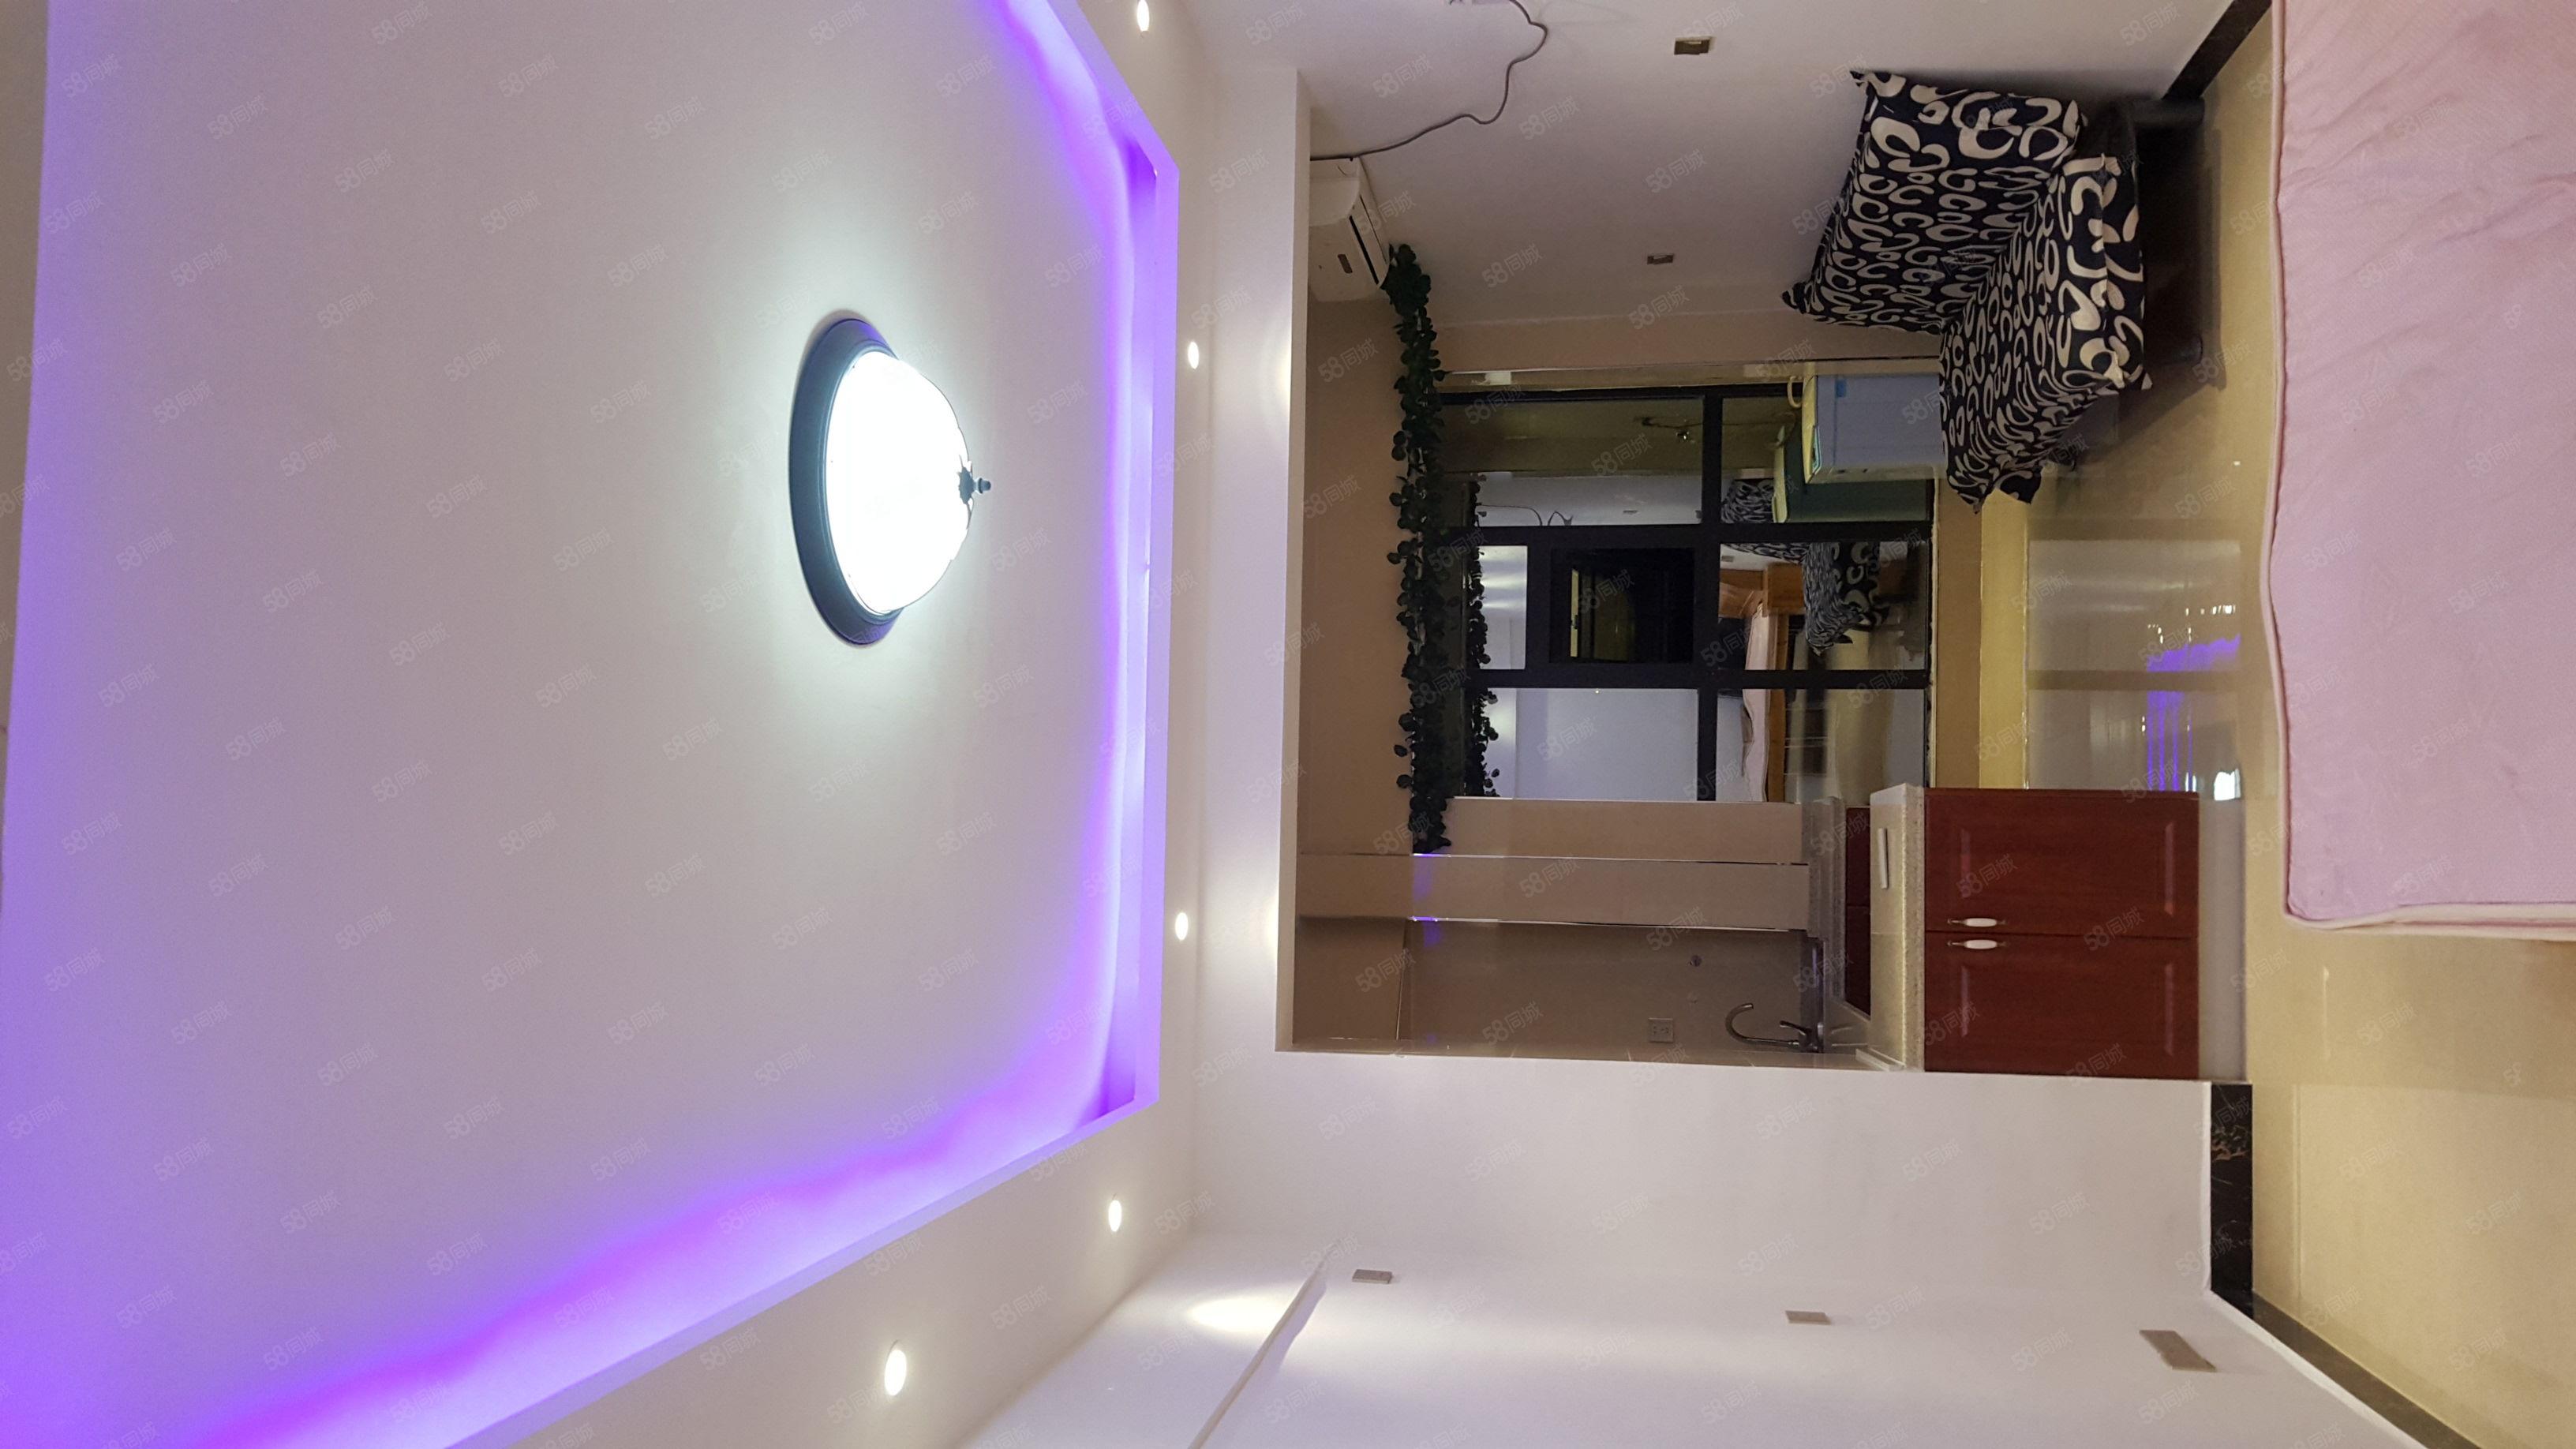 香檀山豪华精装公寓房户型方正,家电齐全,拎包即住先到先得。